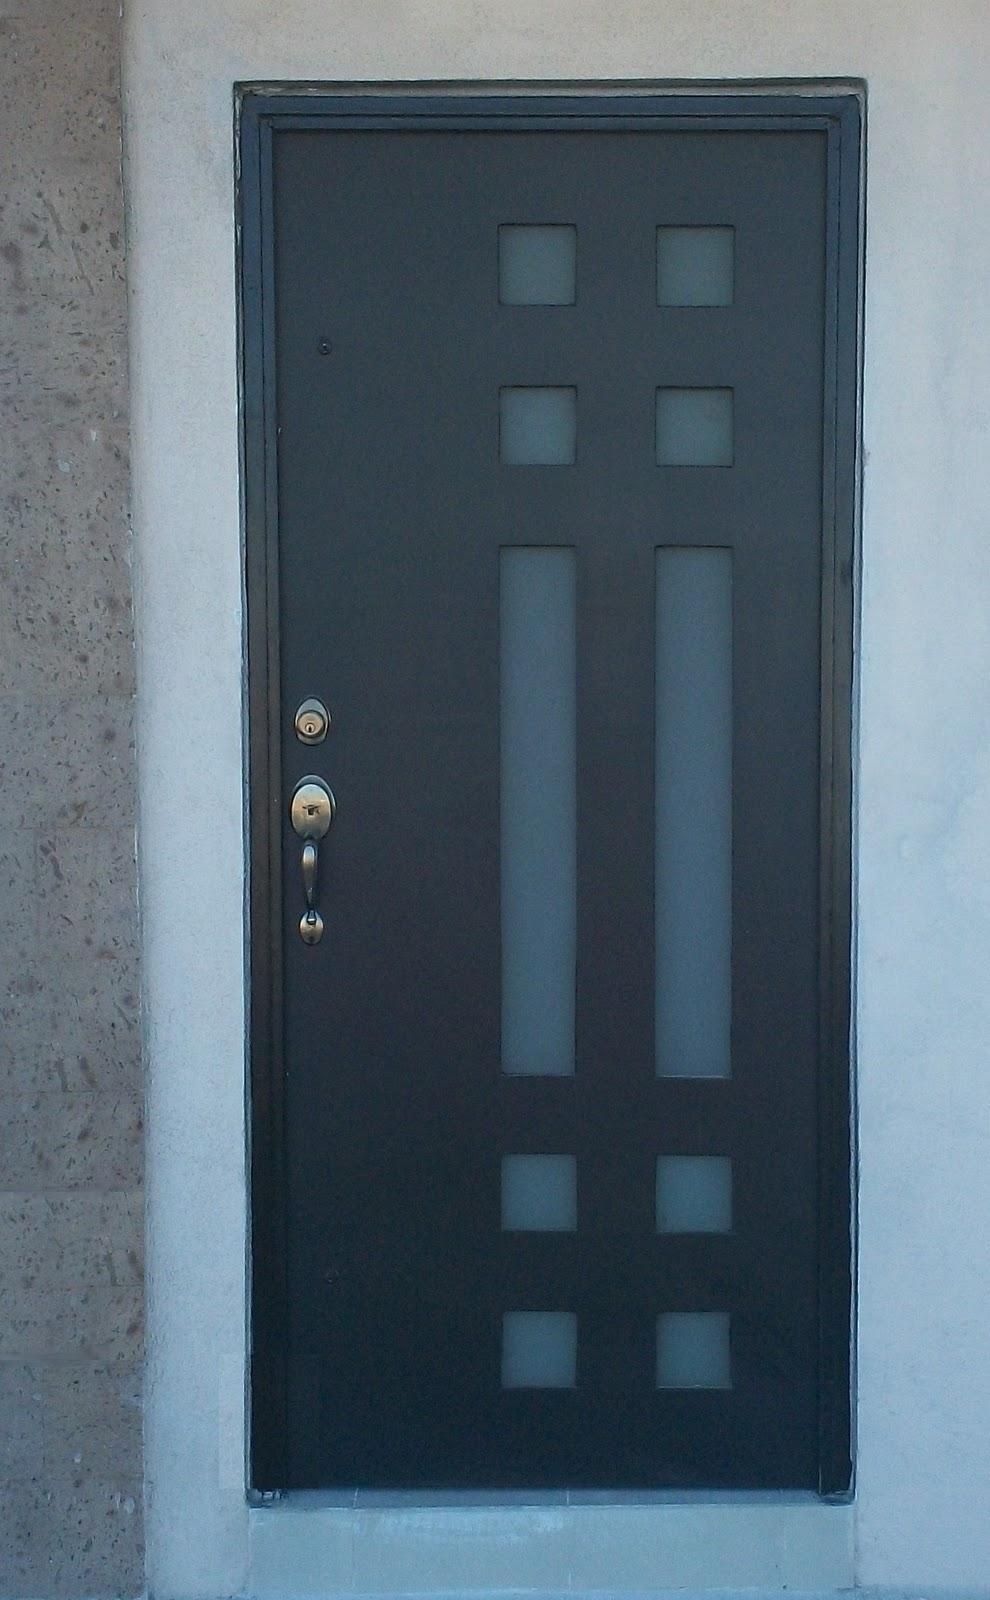 Puertas de hierro red de soluciones - Puertas de hierro ...